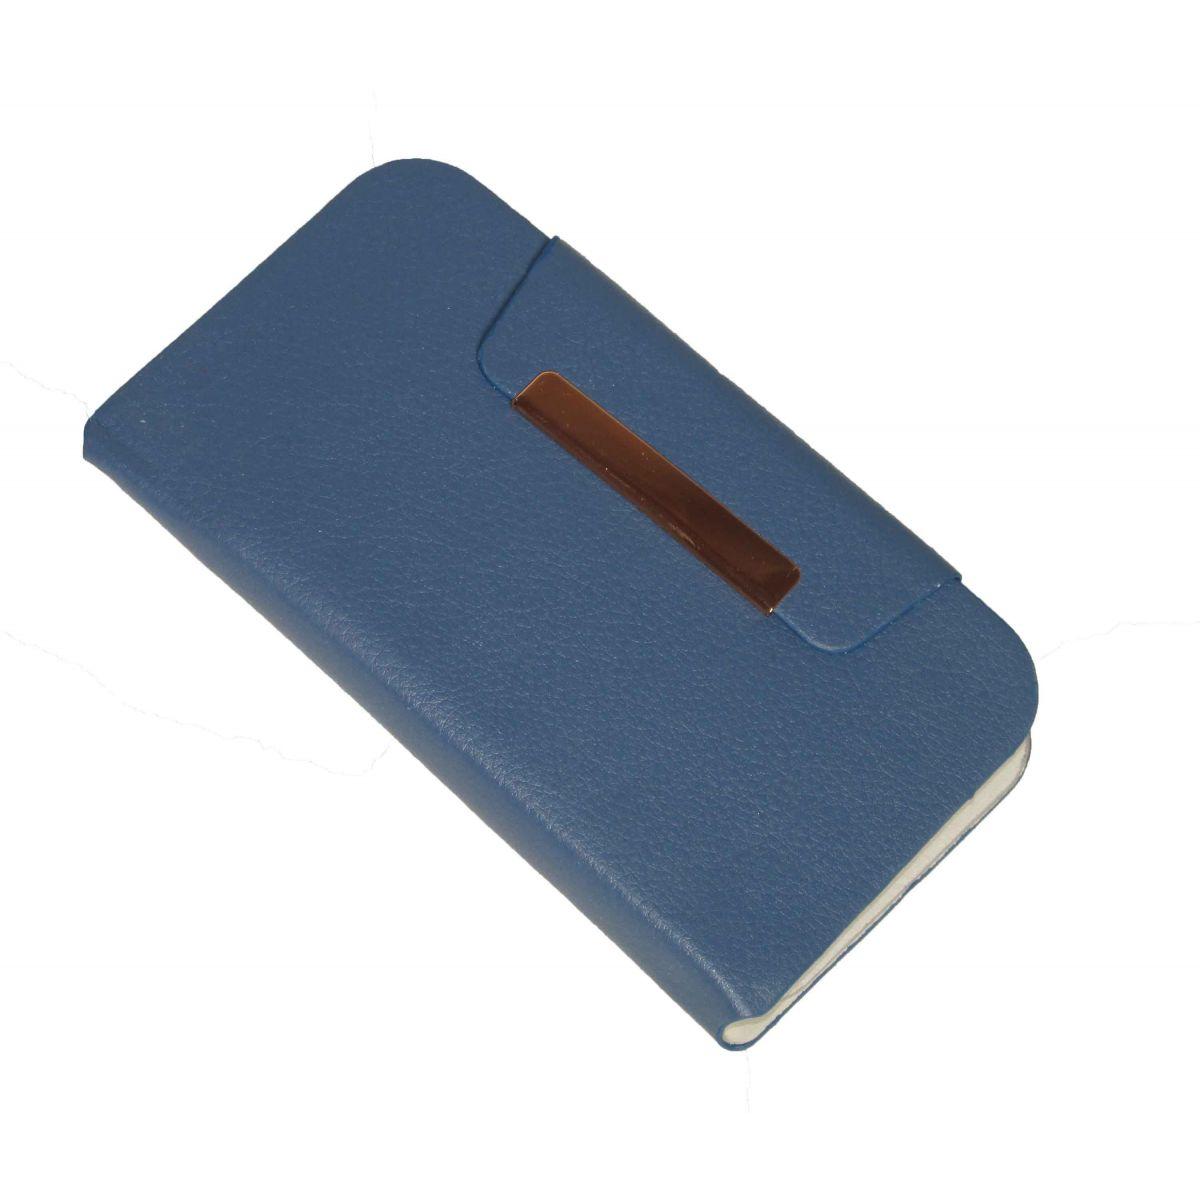 Capa Carteira Universal para Celular de Ate 3 Polegadas Azul